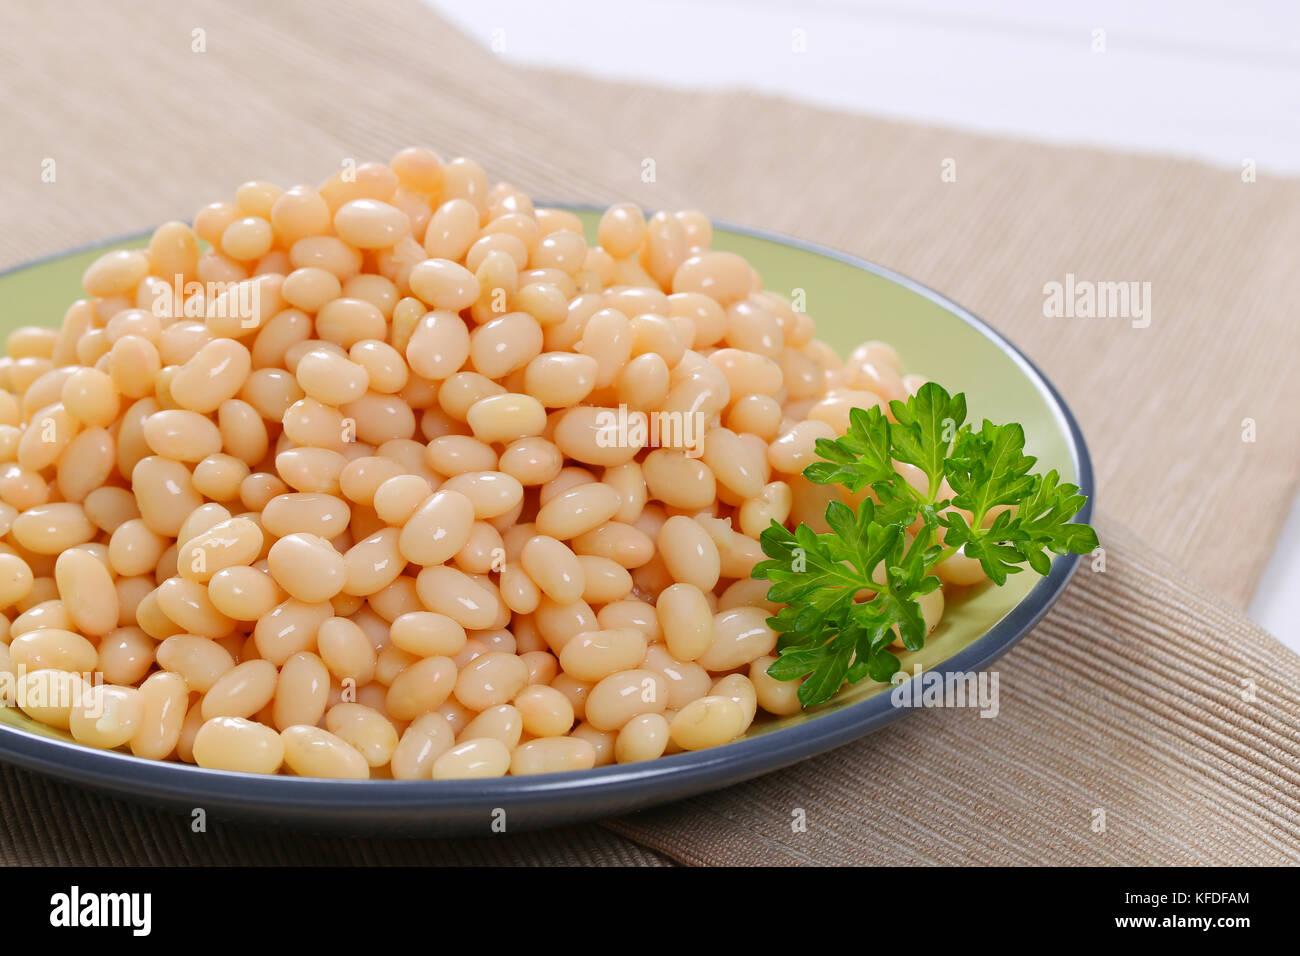 Piastra di conserve di fagioli bianchi sul posto beige mat - close up Immagini Stock